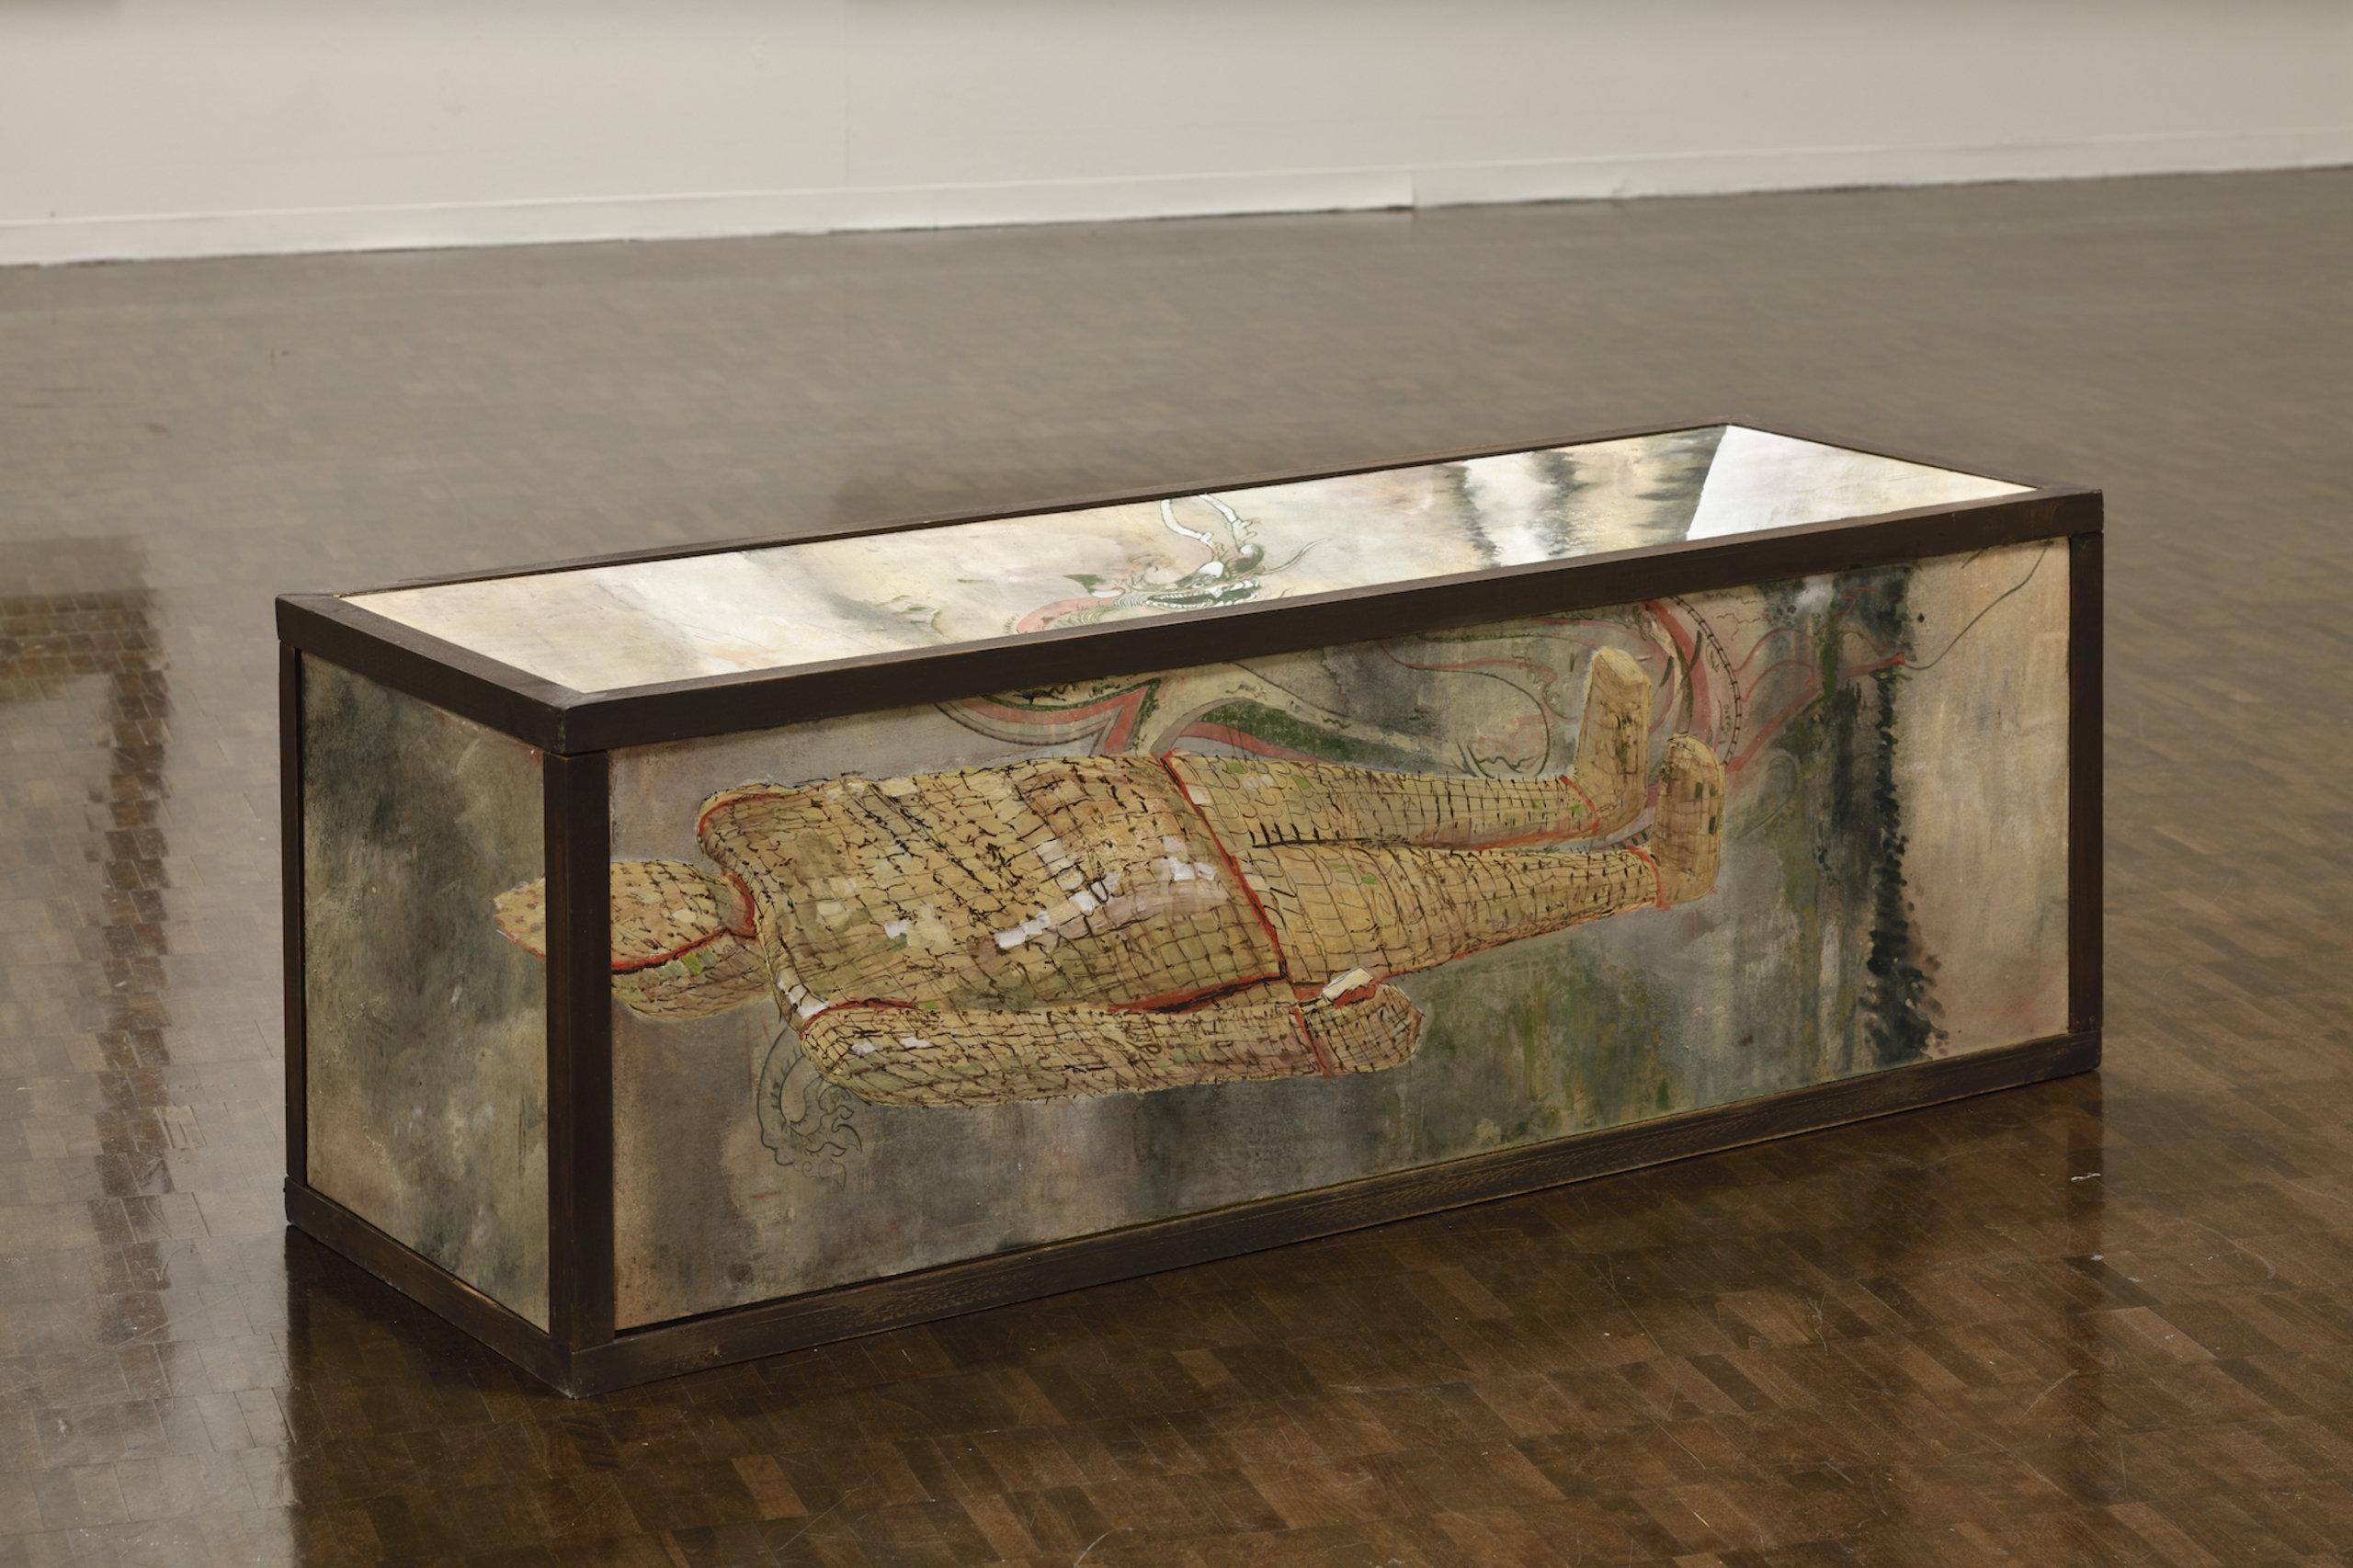 岡本秀《垂直プリント E-1〈墓起こし〉》2020, H50.5 x W147.0 x D50.5 cm, 木、岩絵具、水干、ベンガラ、油